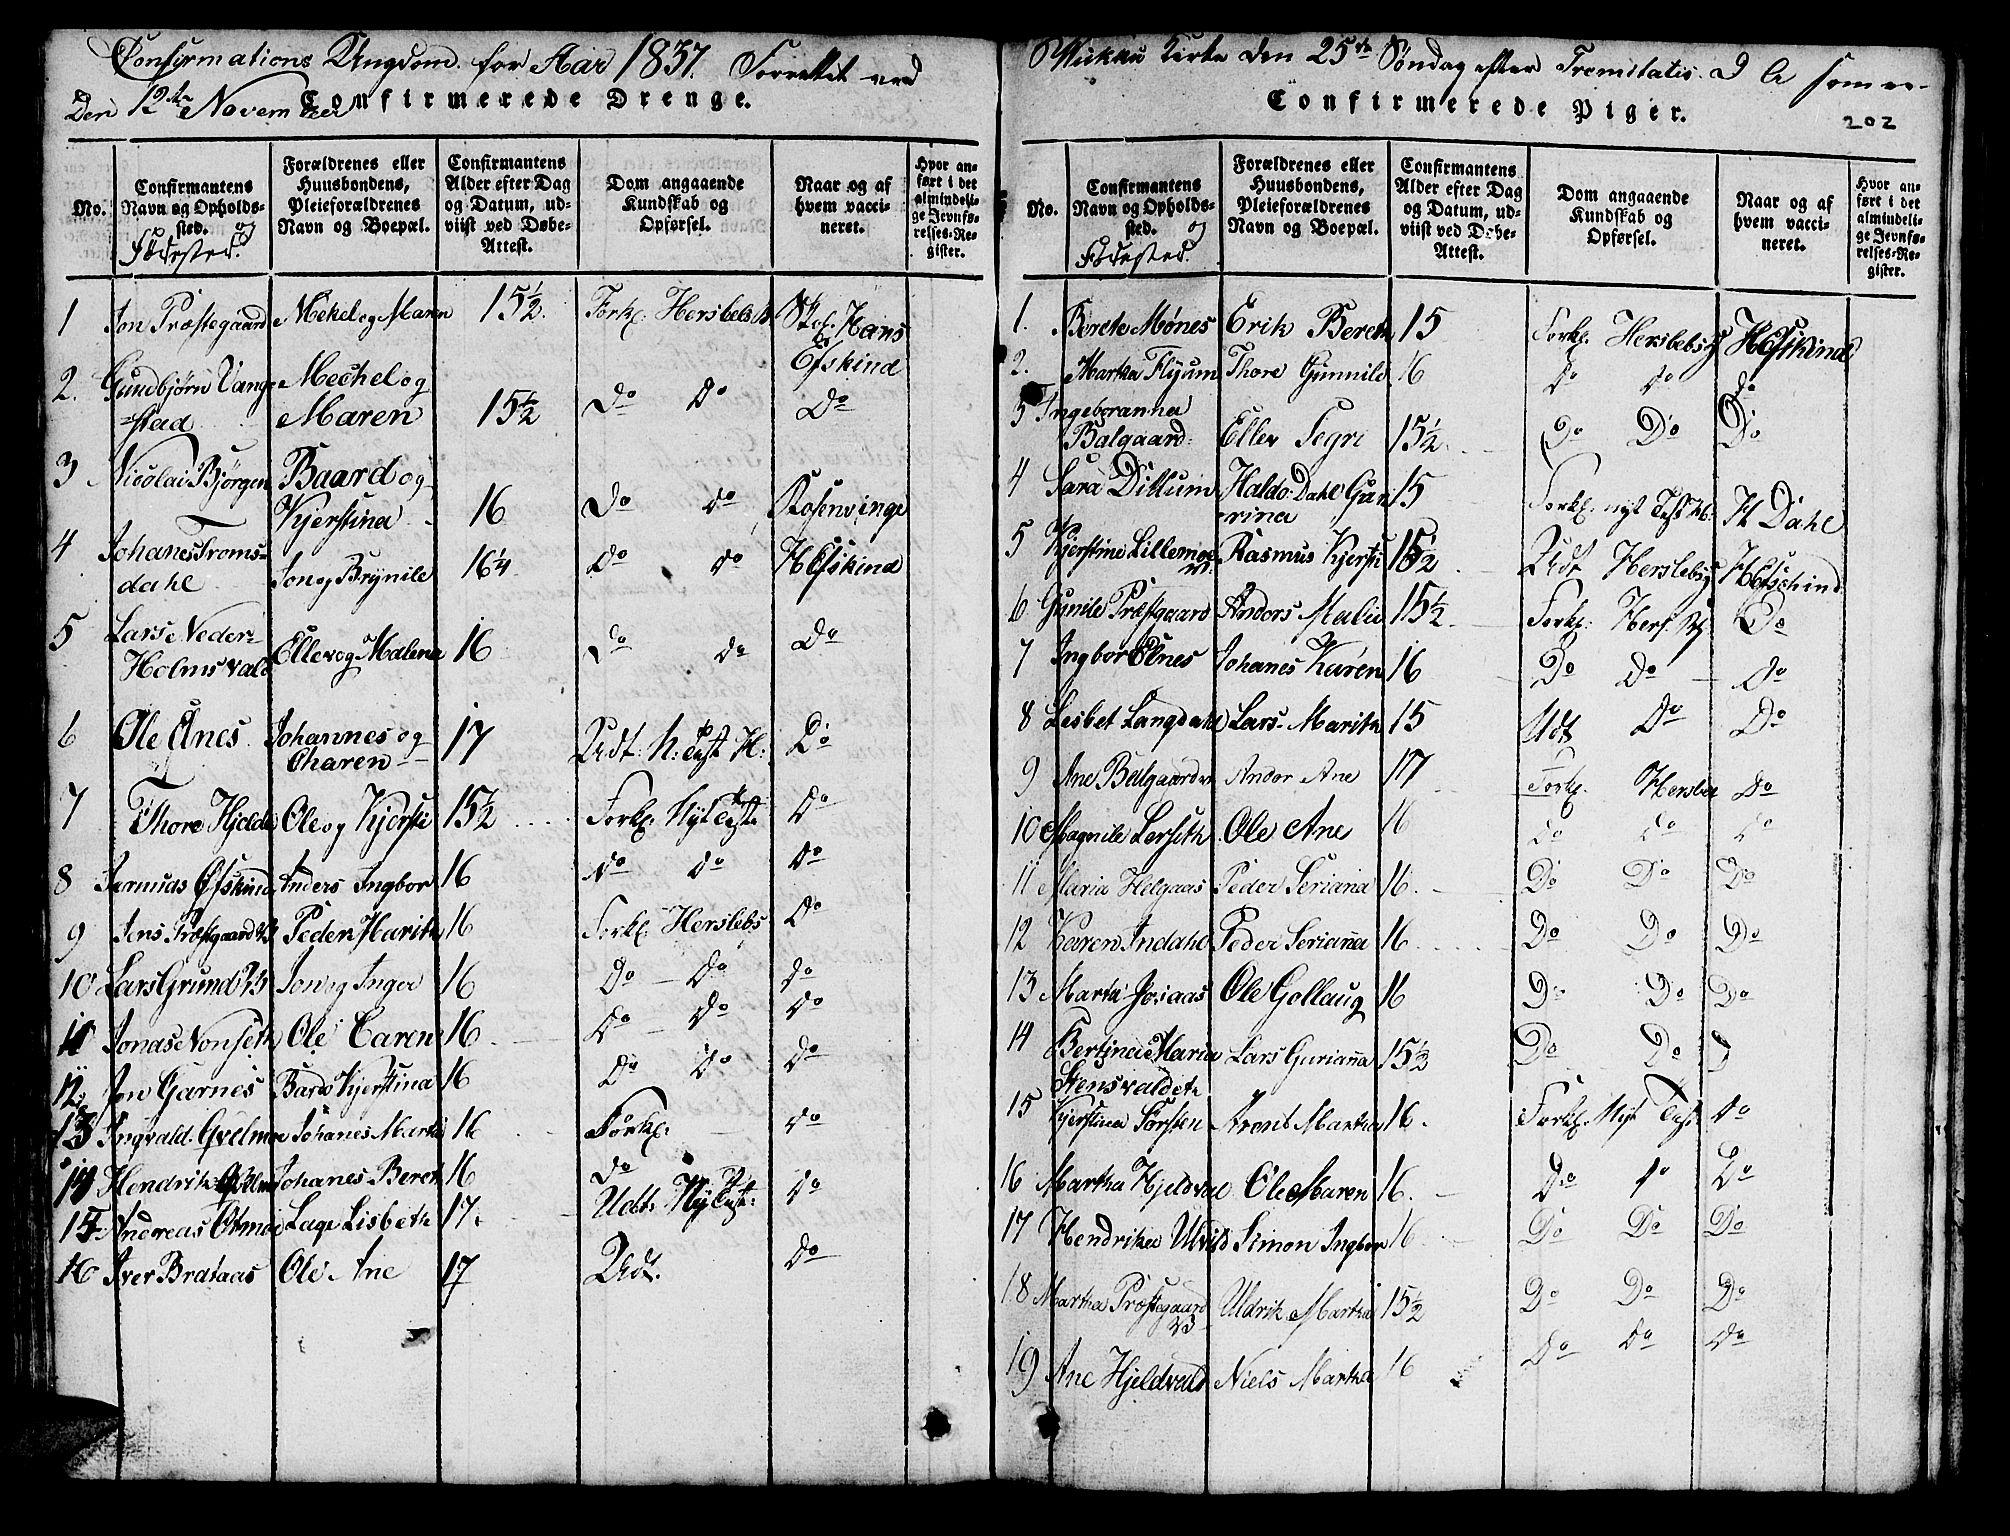 SAT, Ministerialprotokoller, klokkerbøker og fødselsregistre - Nord-Trøndelag, 724/L0265: Klokkerbok nr. 724C01, 1816-1845, s. 202